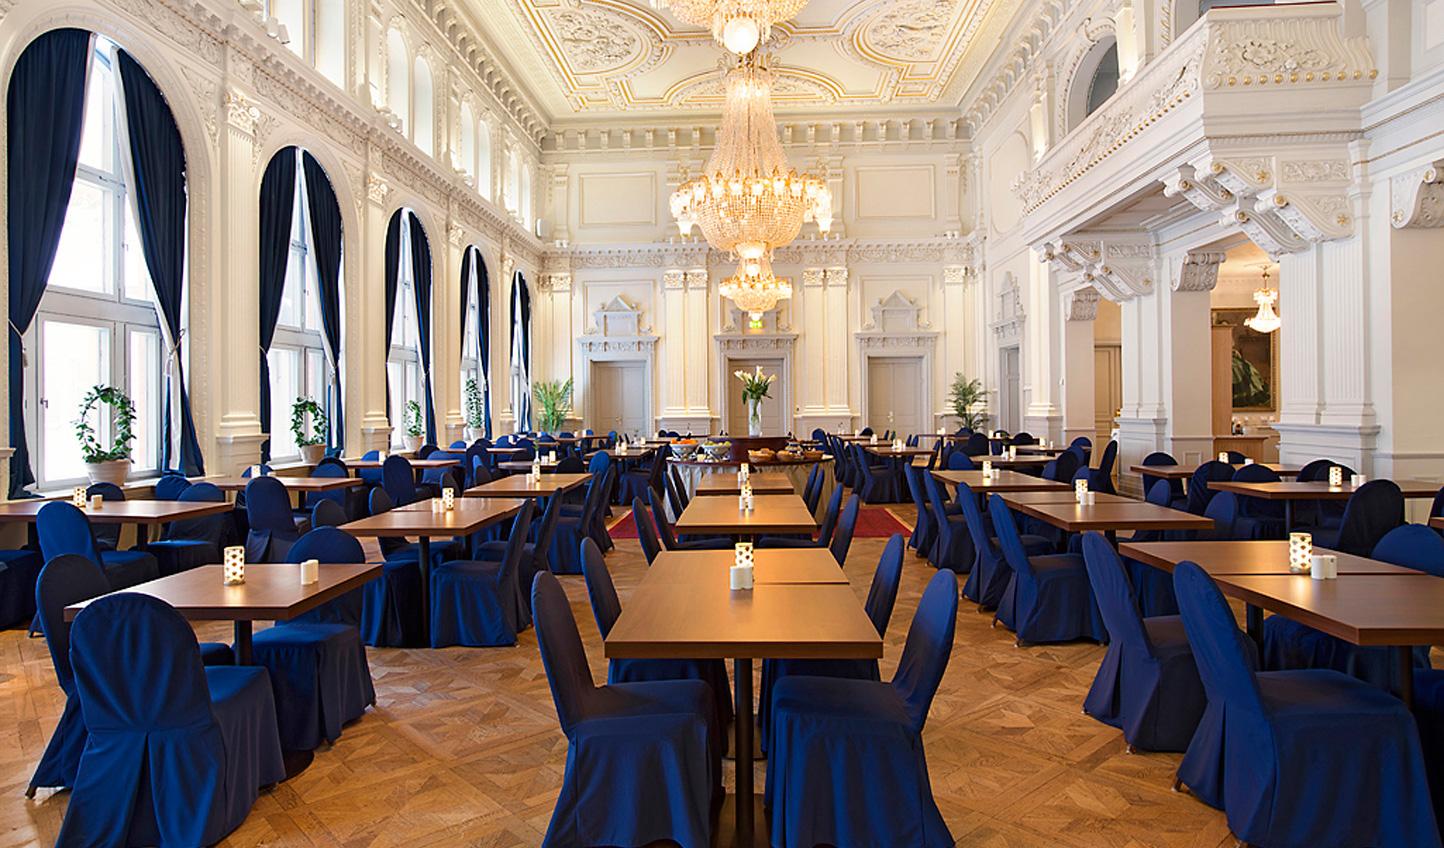 The opulent breakfast room